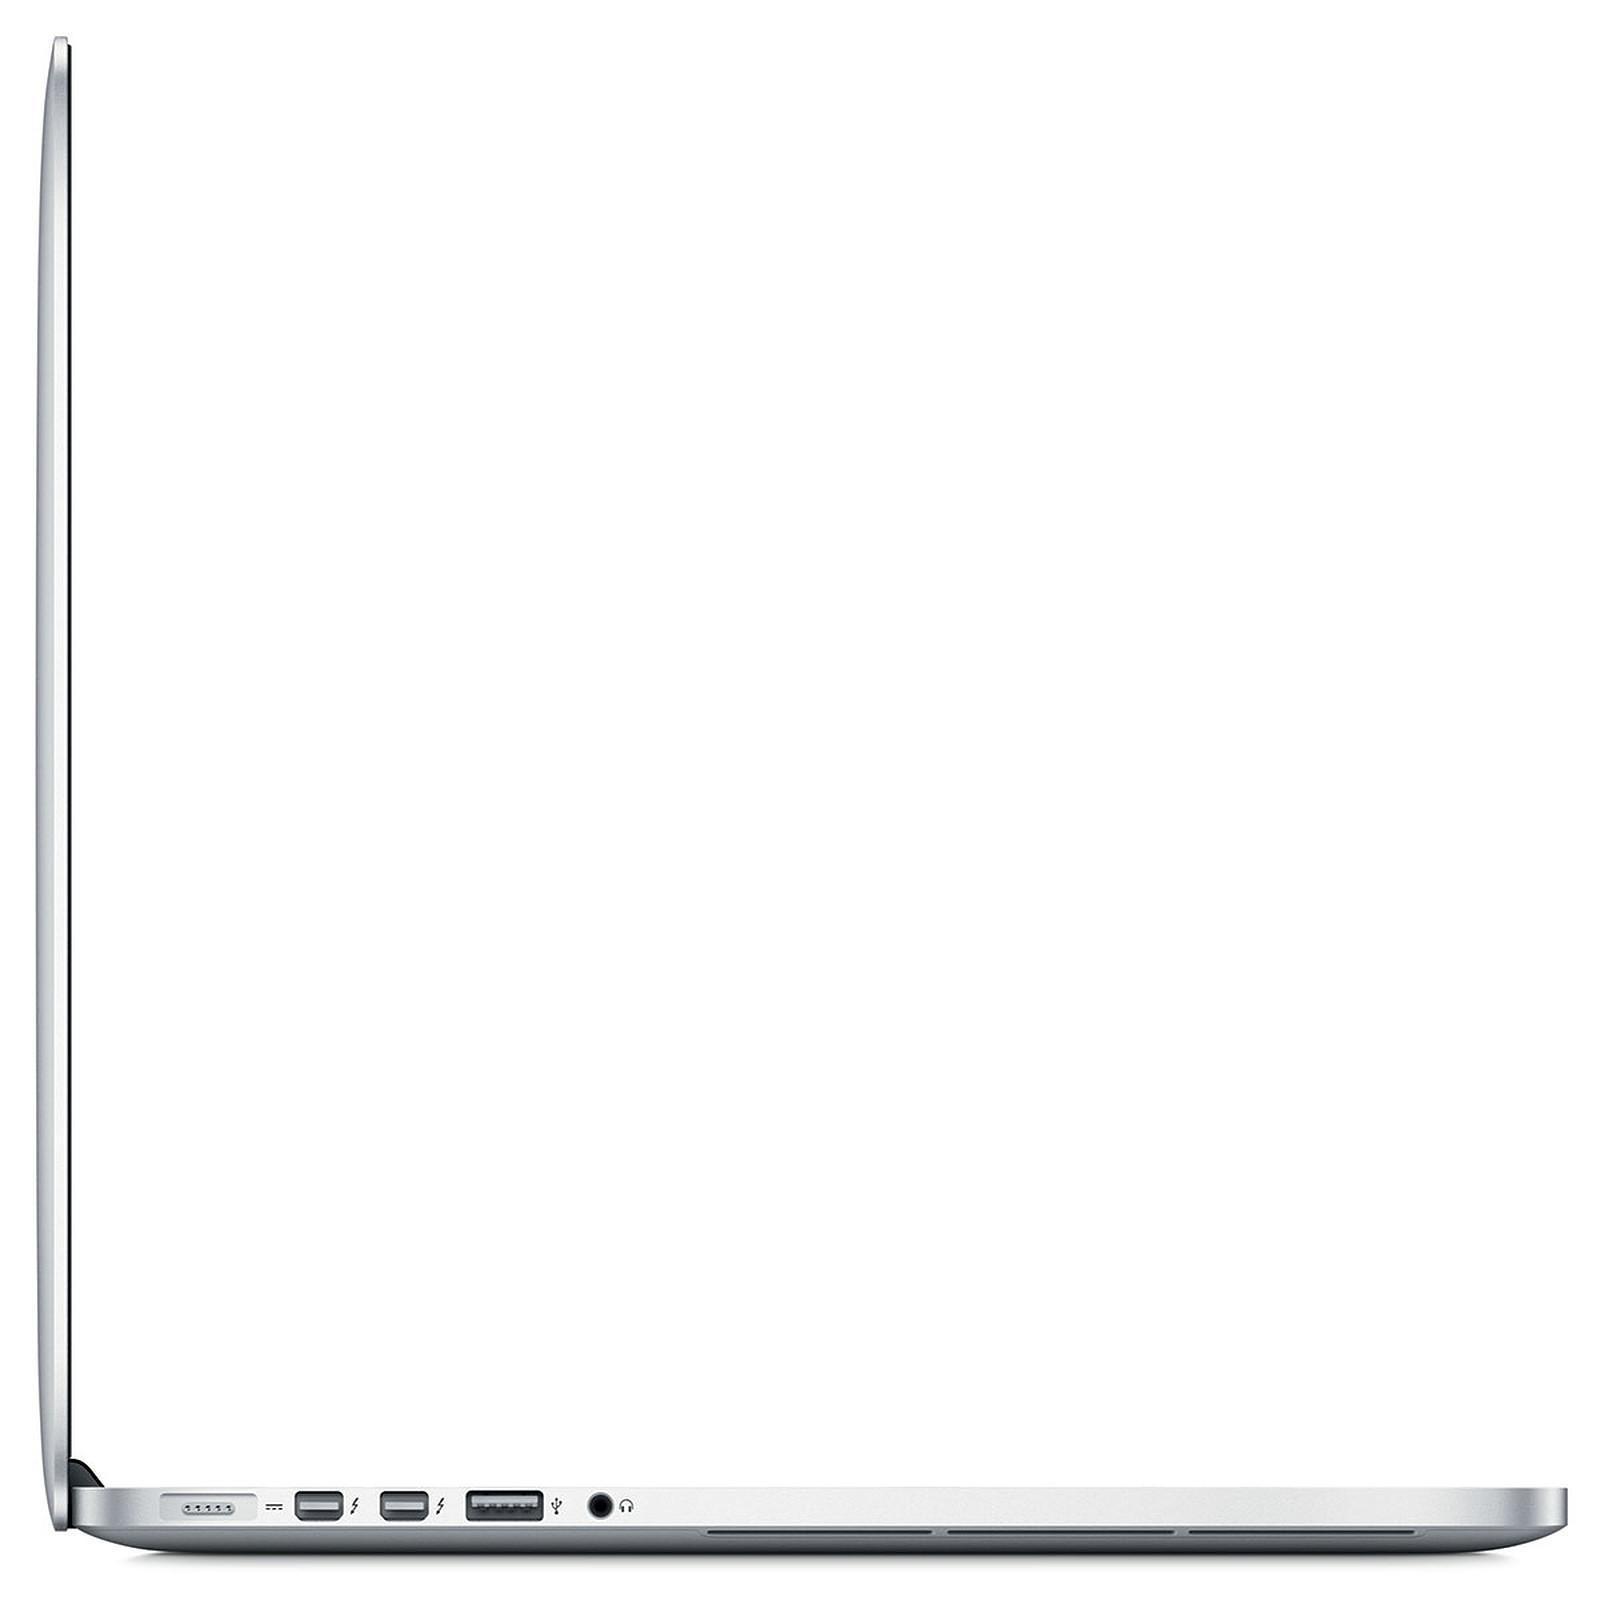 MacBook Pro Retina 15,4-tum (2014) - Core i7 - 16GB - SSD 128 GB QWERTY - Spanska